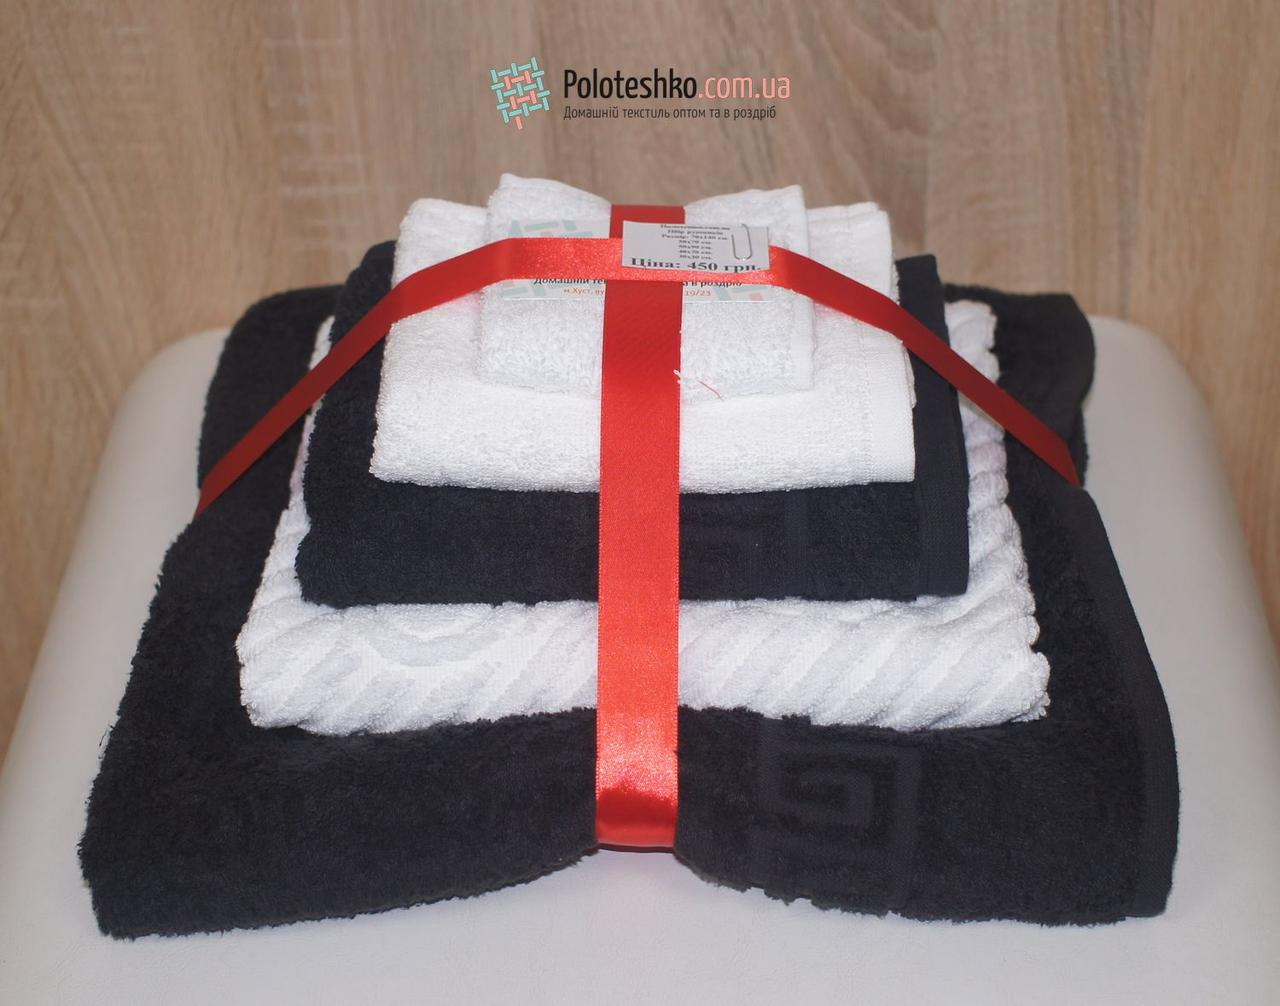 Подарочный набор махровых полотенец черно-белый